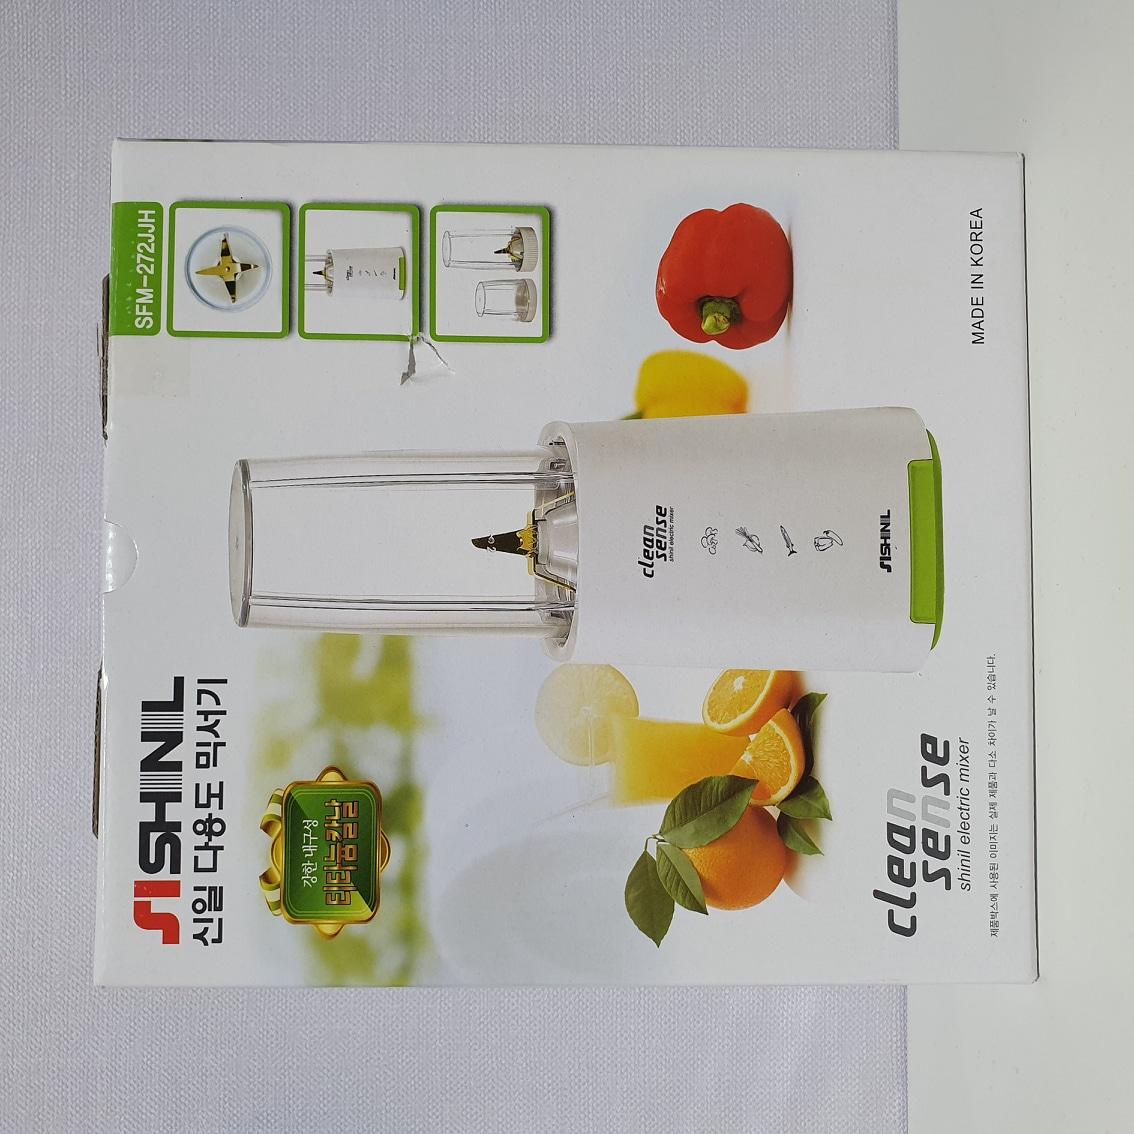 신일산업 신일 미니믹서기 미니블렌더 소형블렌더 다용도믹서기 믹서 sfm272jjh